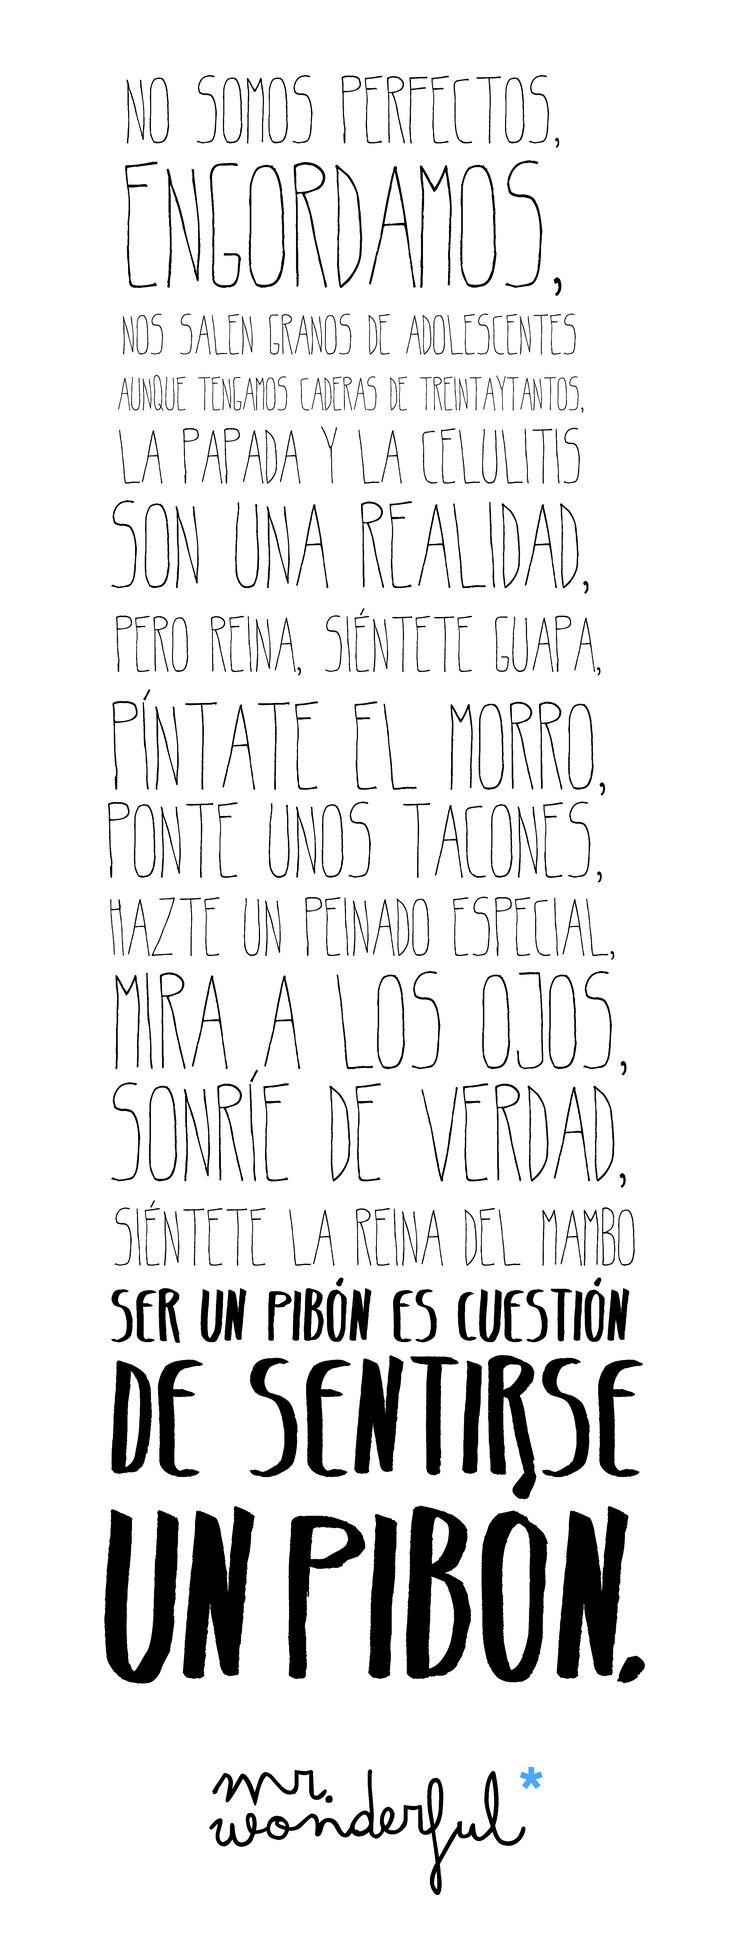 Pintate el morro. Muy Molon  http://muymolon.com/2012/09/24/poster-para-imprimir-y-leerlo-a-diario/